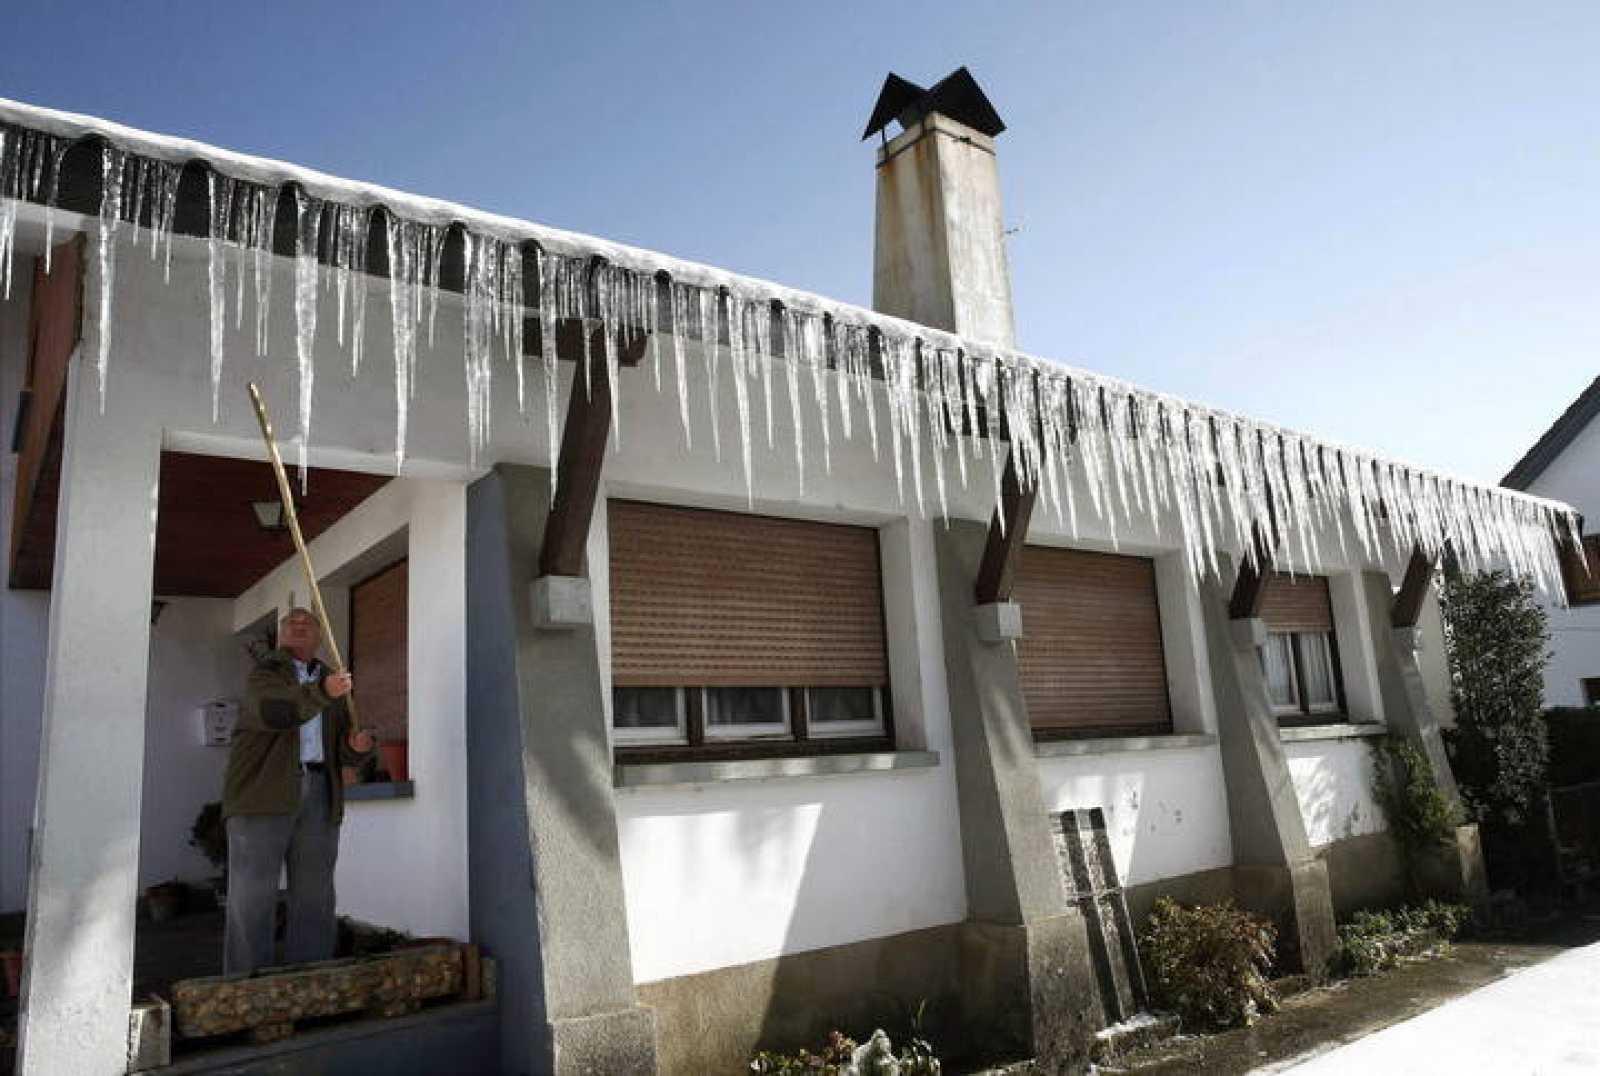 Un hombre observa los carámbanos de hielo sobre el tejado de su vivienda en Navarra